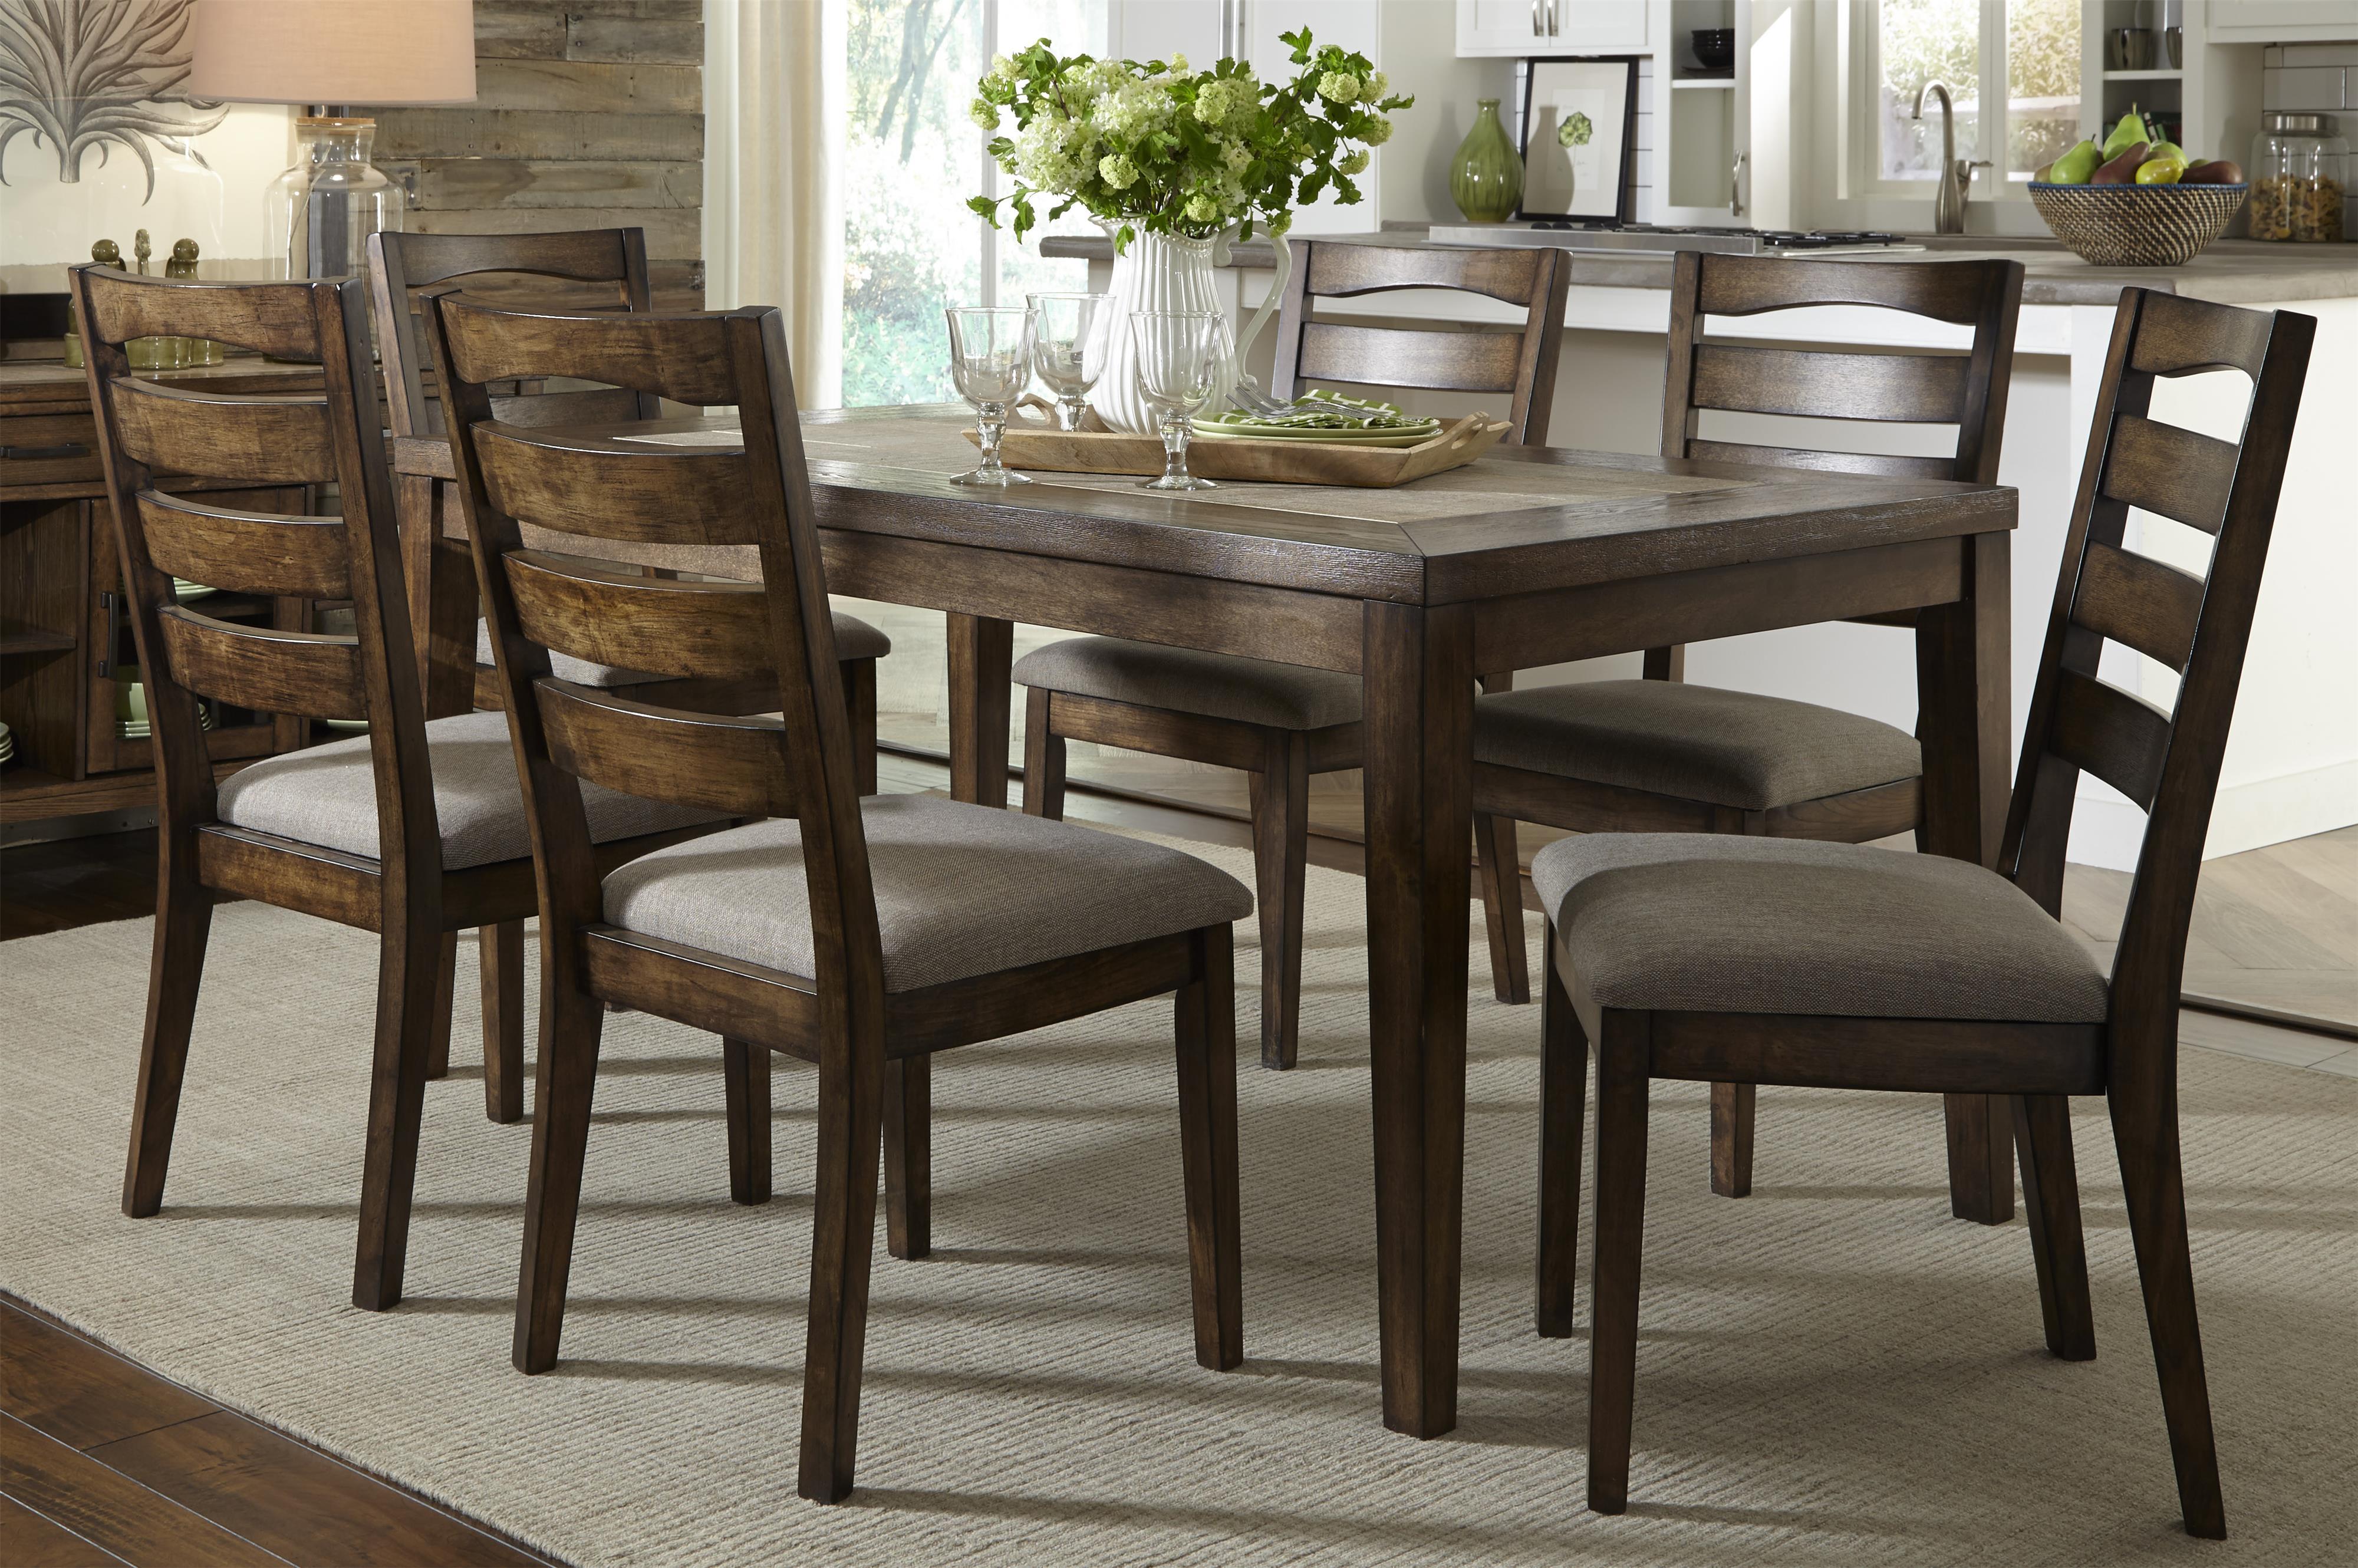 Progressive Furniture Forest Brook Dining Table - Item Number: P378D-10